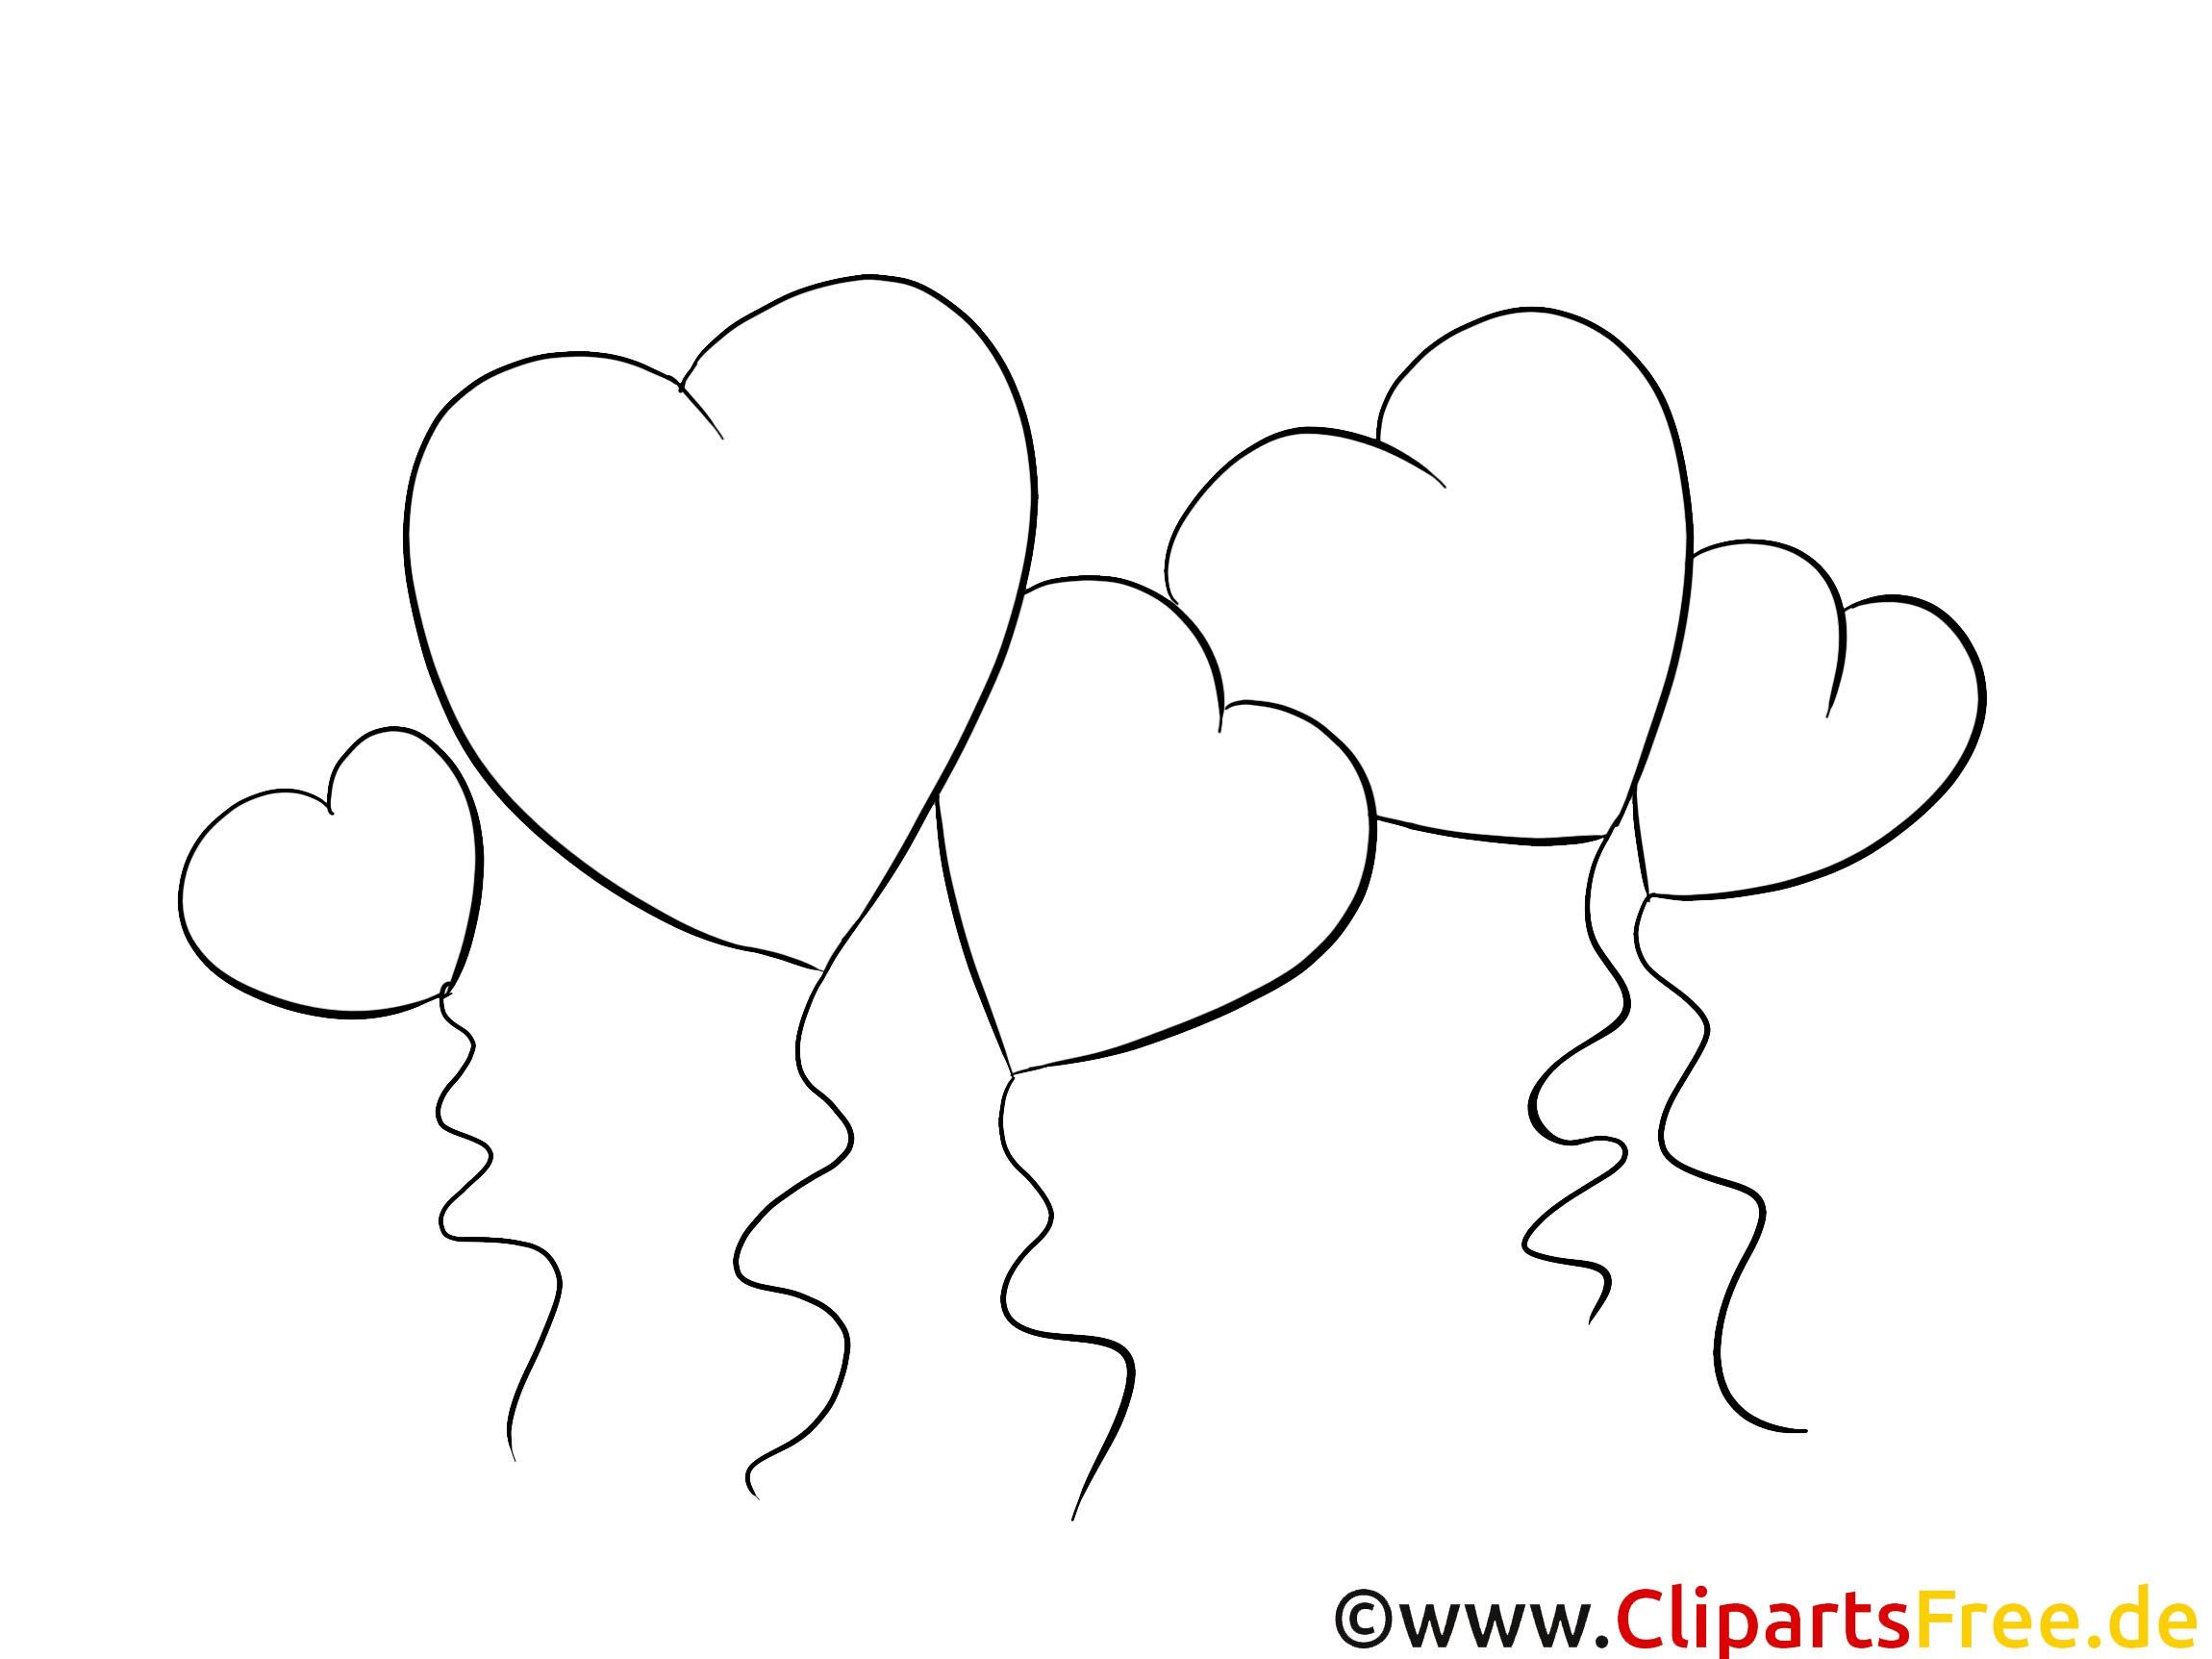 Herz Mandalas Zum Ausmalen Inspirierend Valentinstag Malvorlagen Einfach Luftballons Herzen Bilder Zum Stock